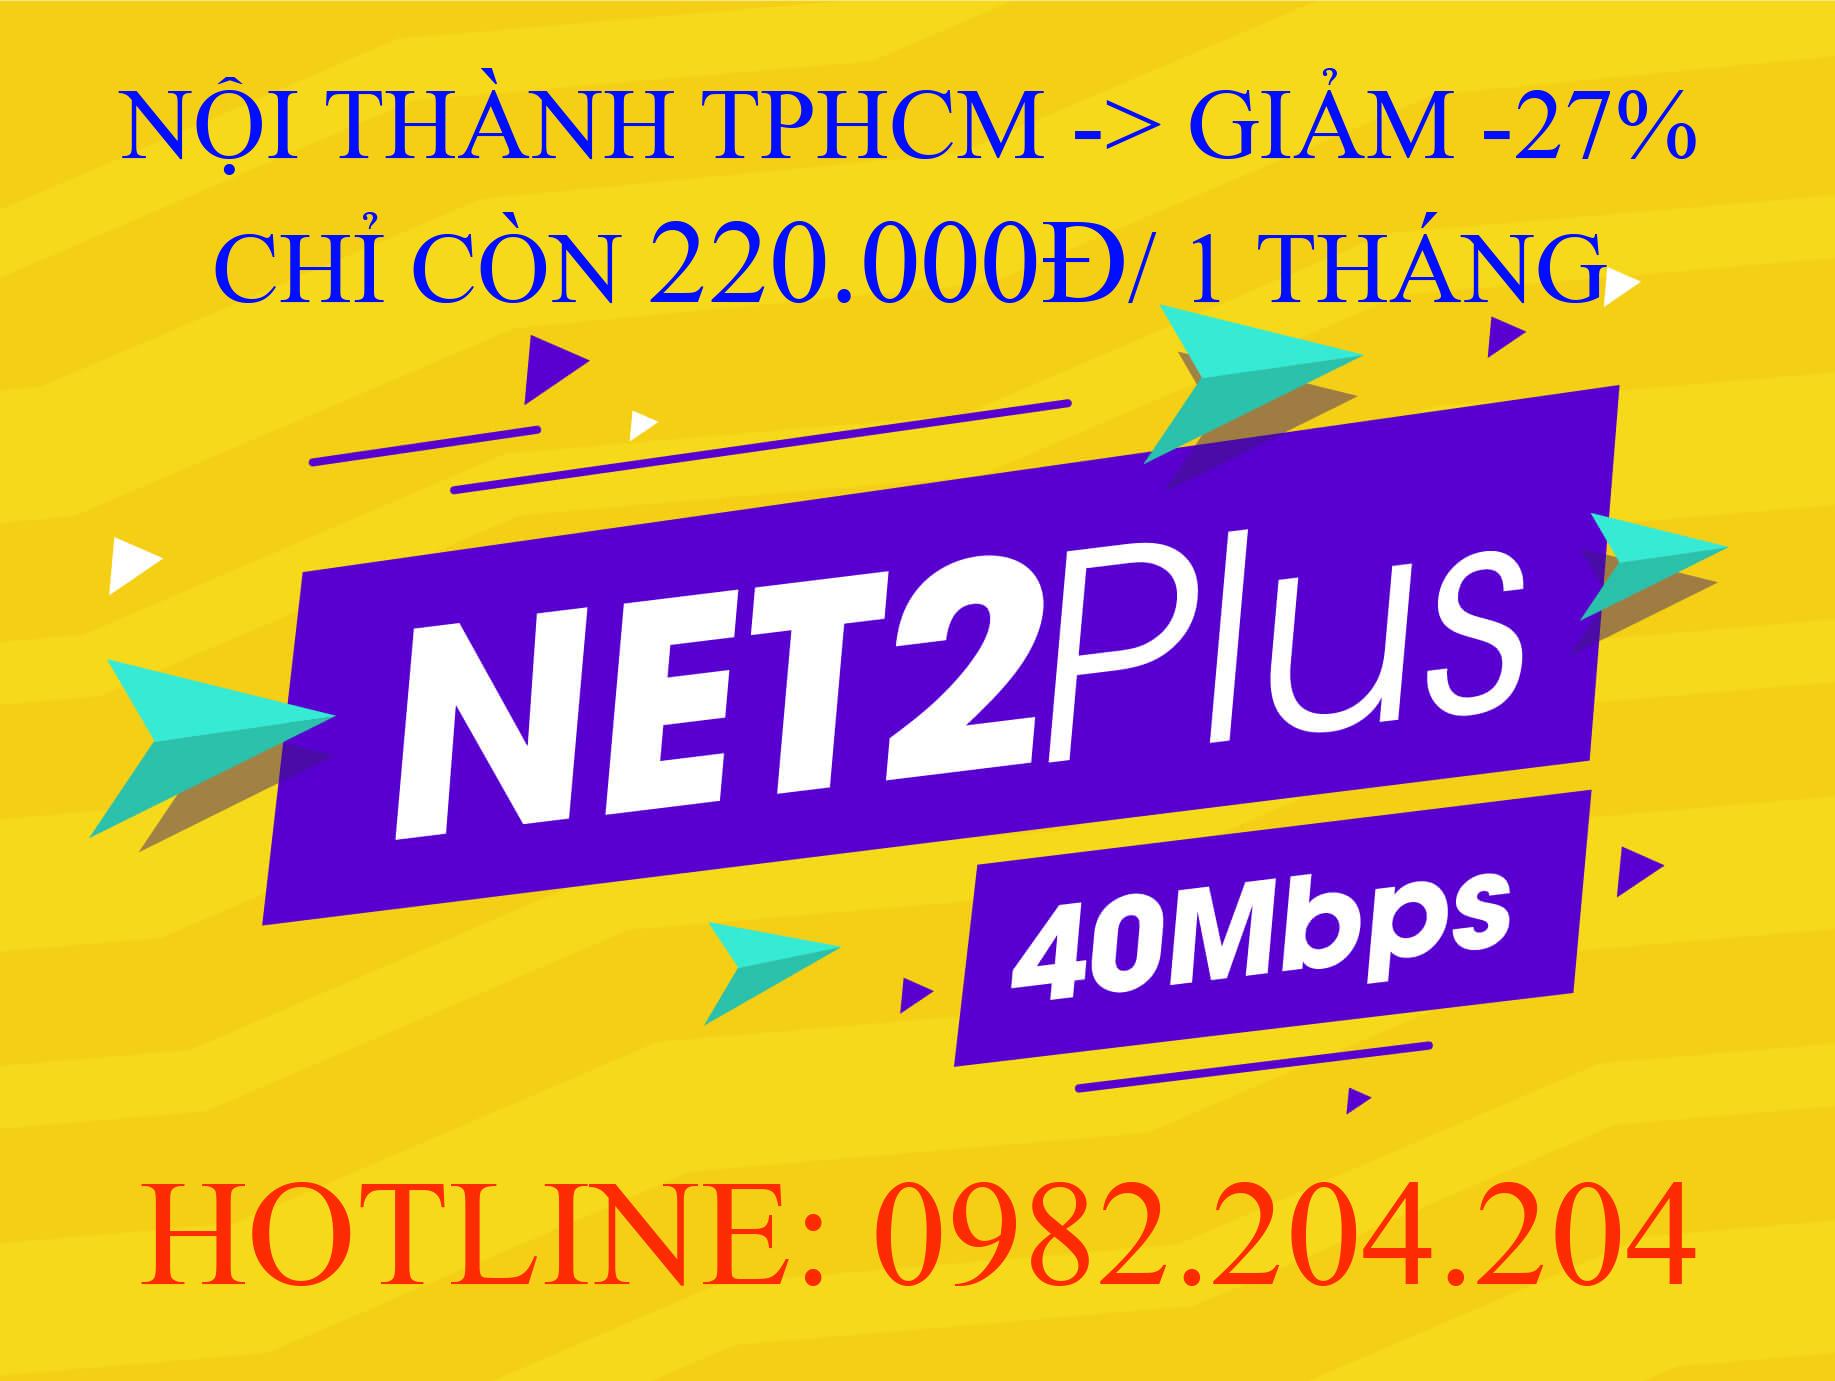 Lắp Mạng Cáp Quang Wifi Giá Rẻ TPHCM Nội Thành Gói Net 2 plus Viettel 40 Mbps